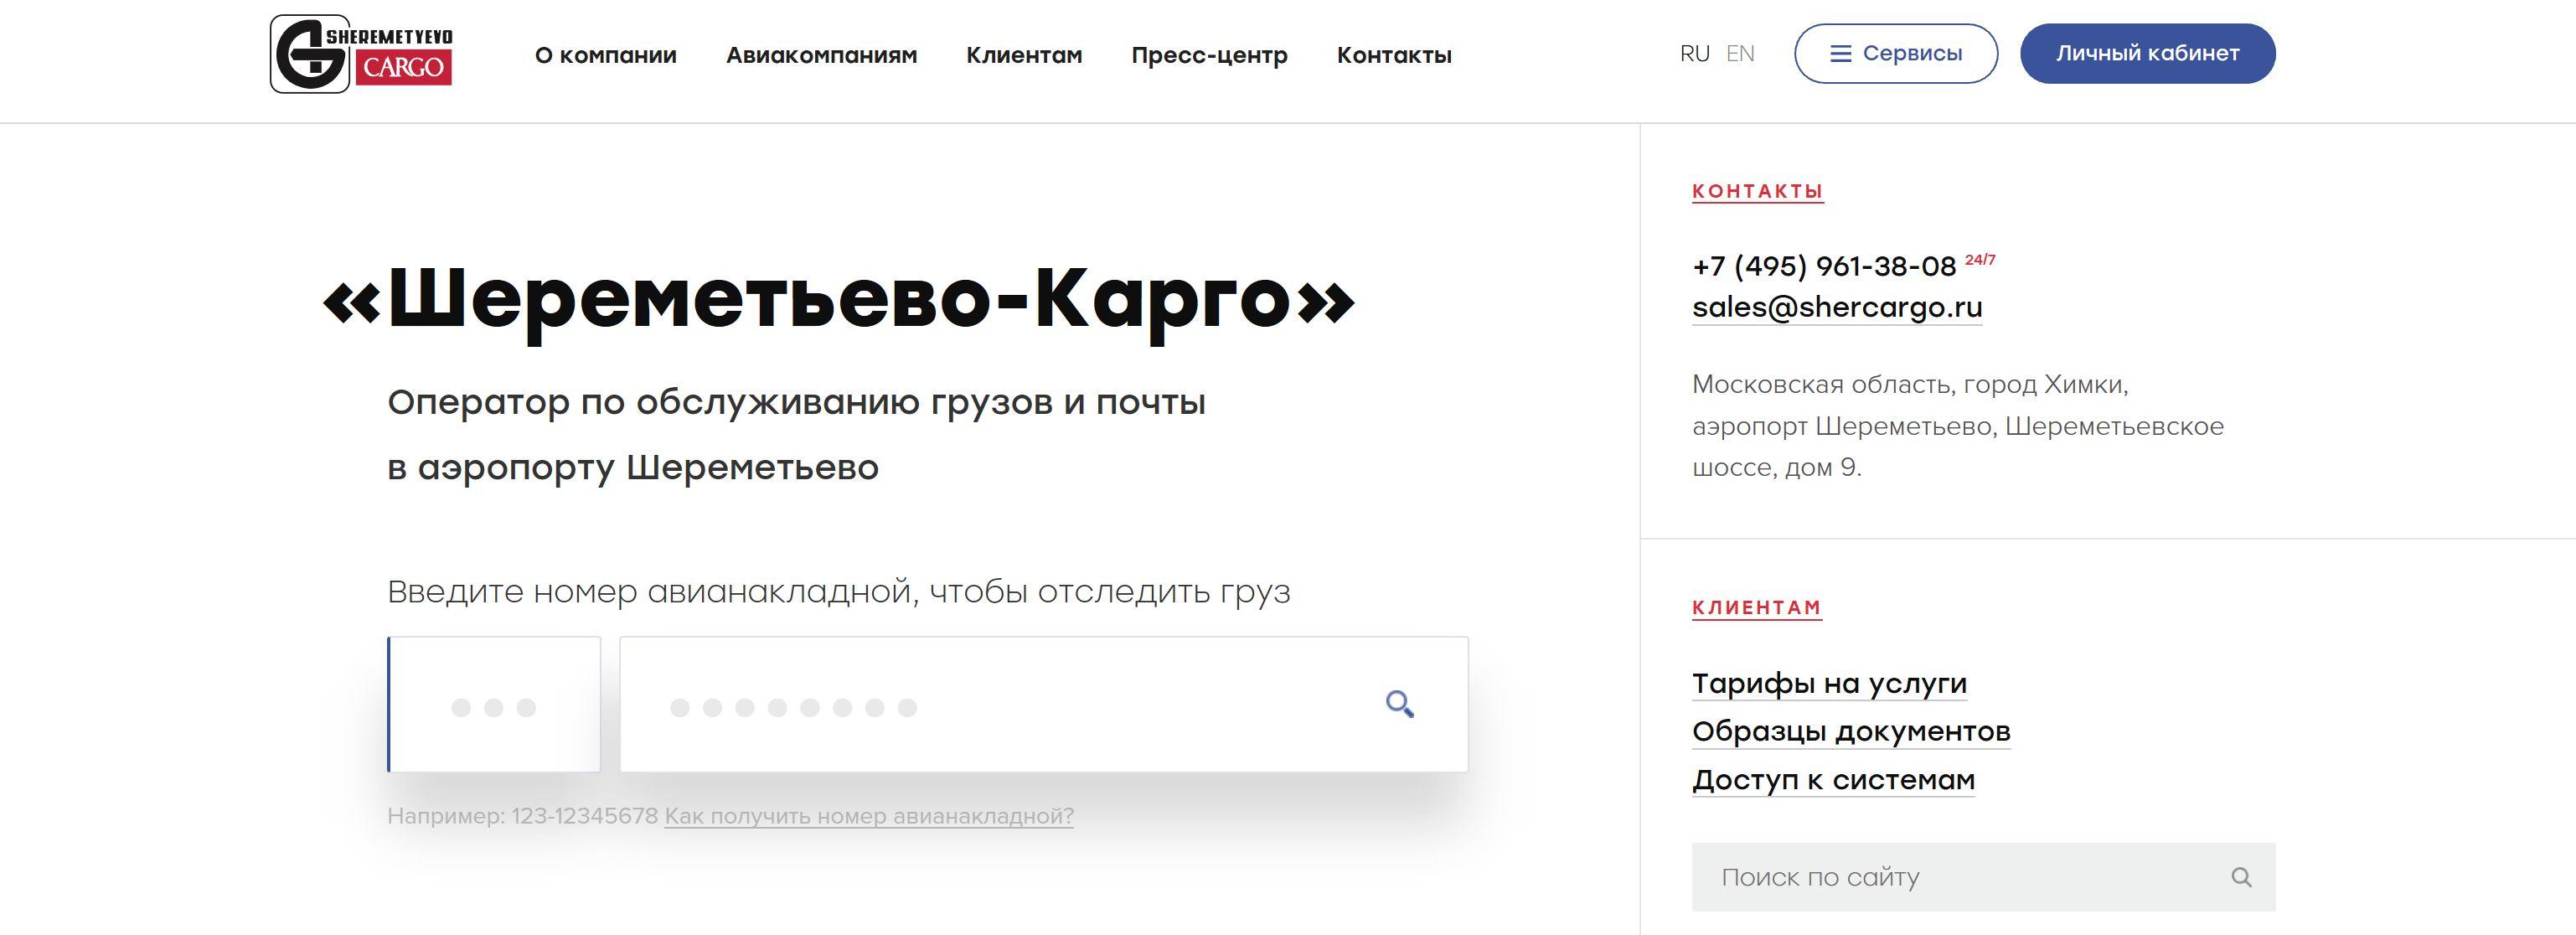 «Шереметьево-Карго» Оператор по обслуживанию грузов и почты в аэропорту Шереметьево